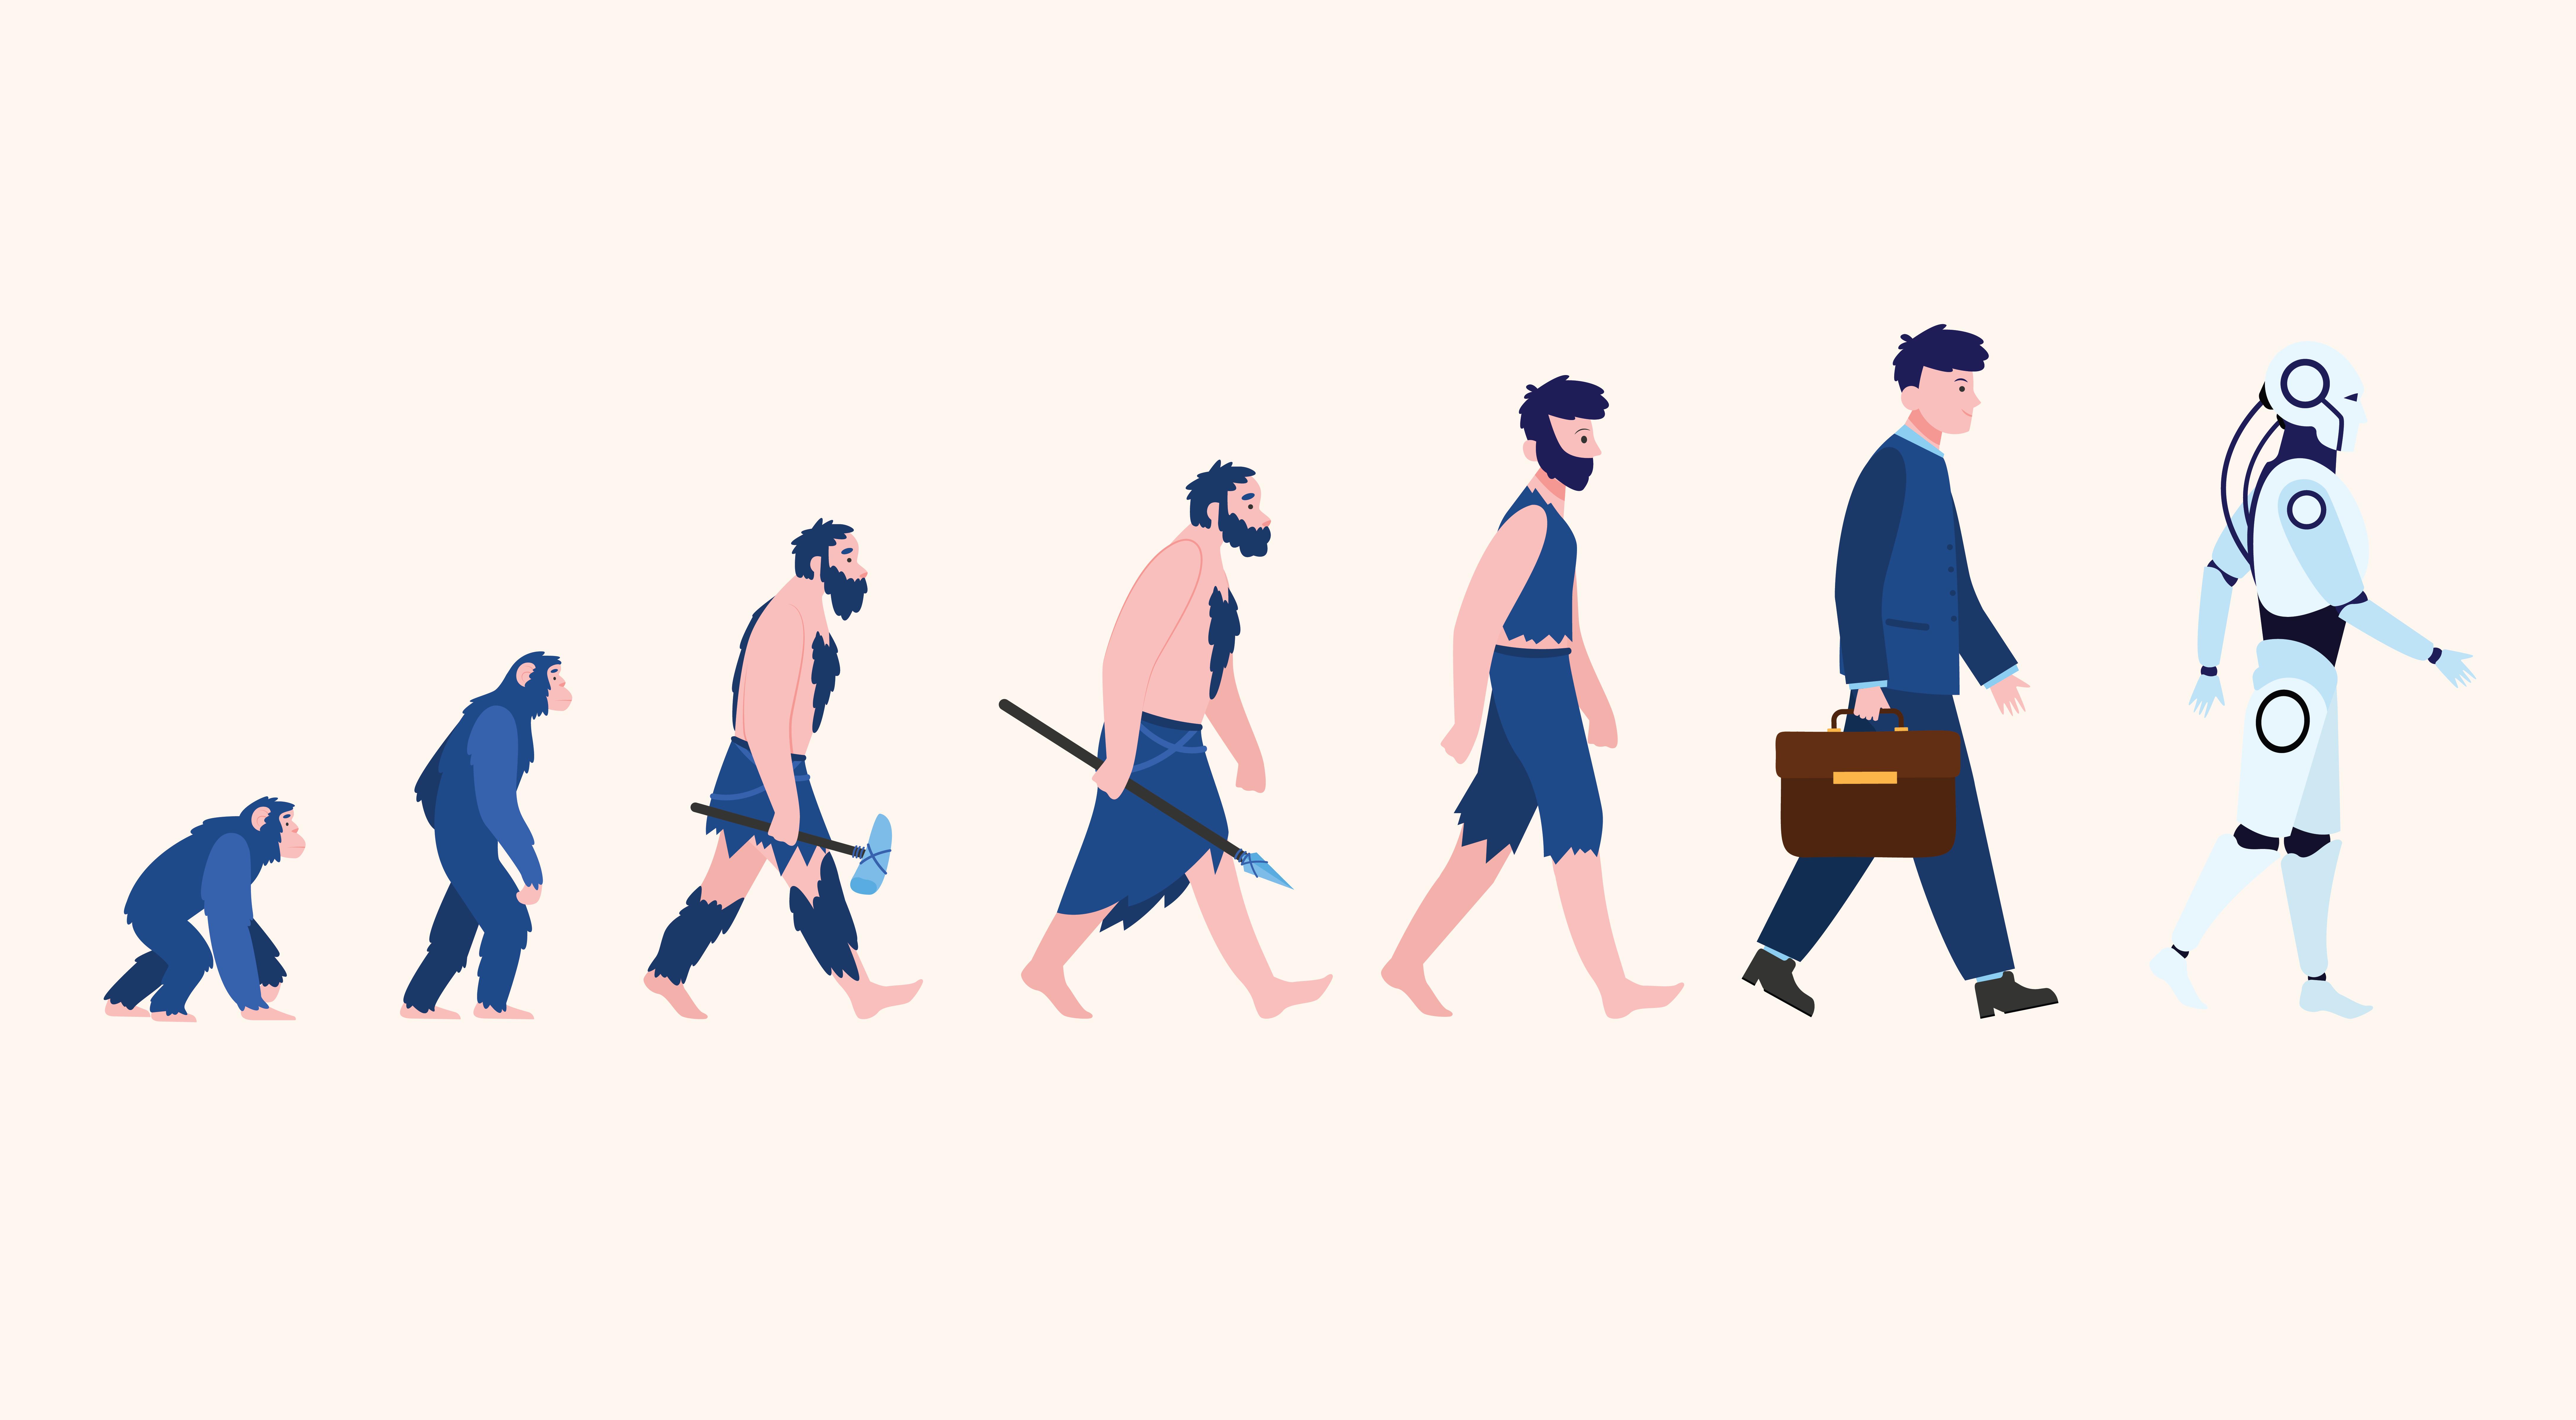 วิวัฒนาการของปัญญาประดิษฐ์